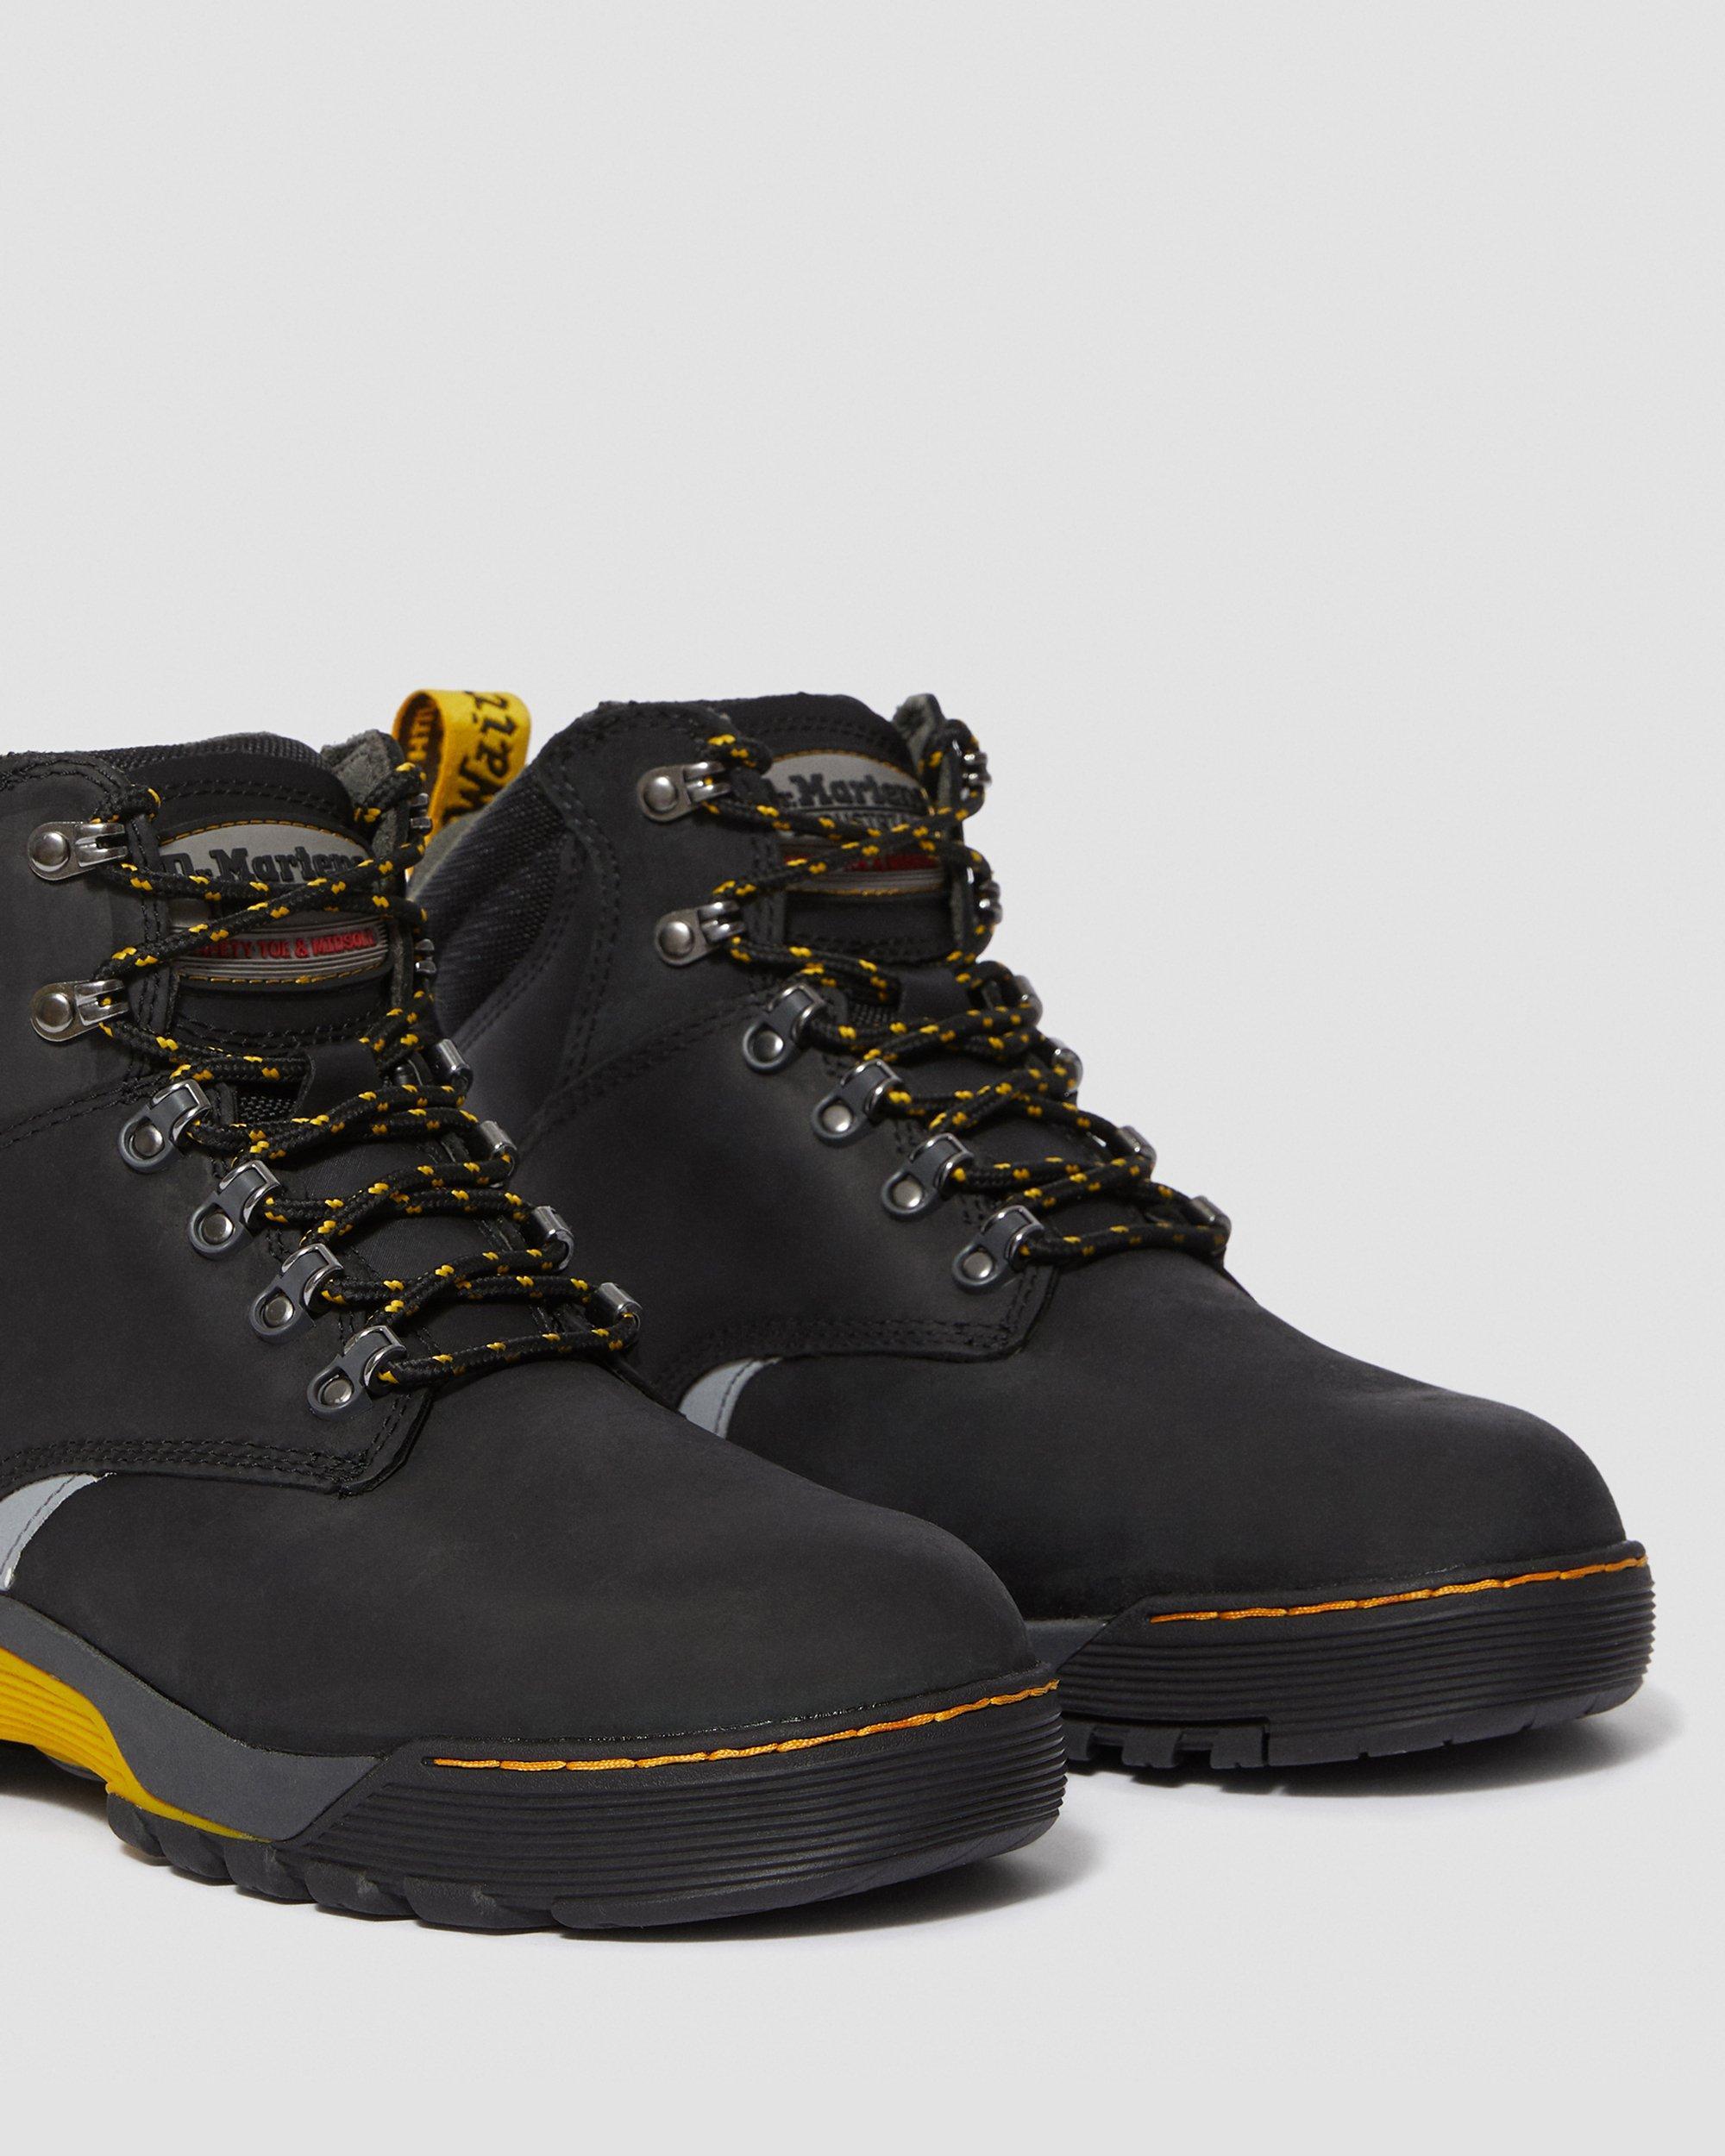 doc martens steel toe boots near me